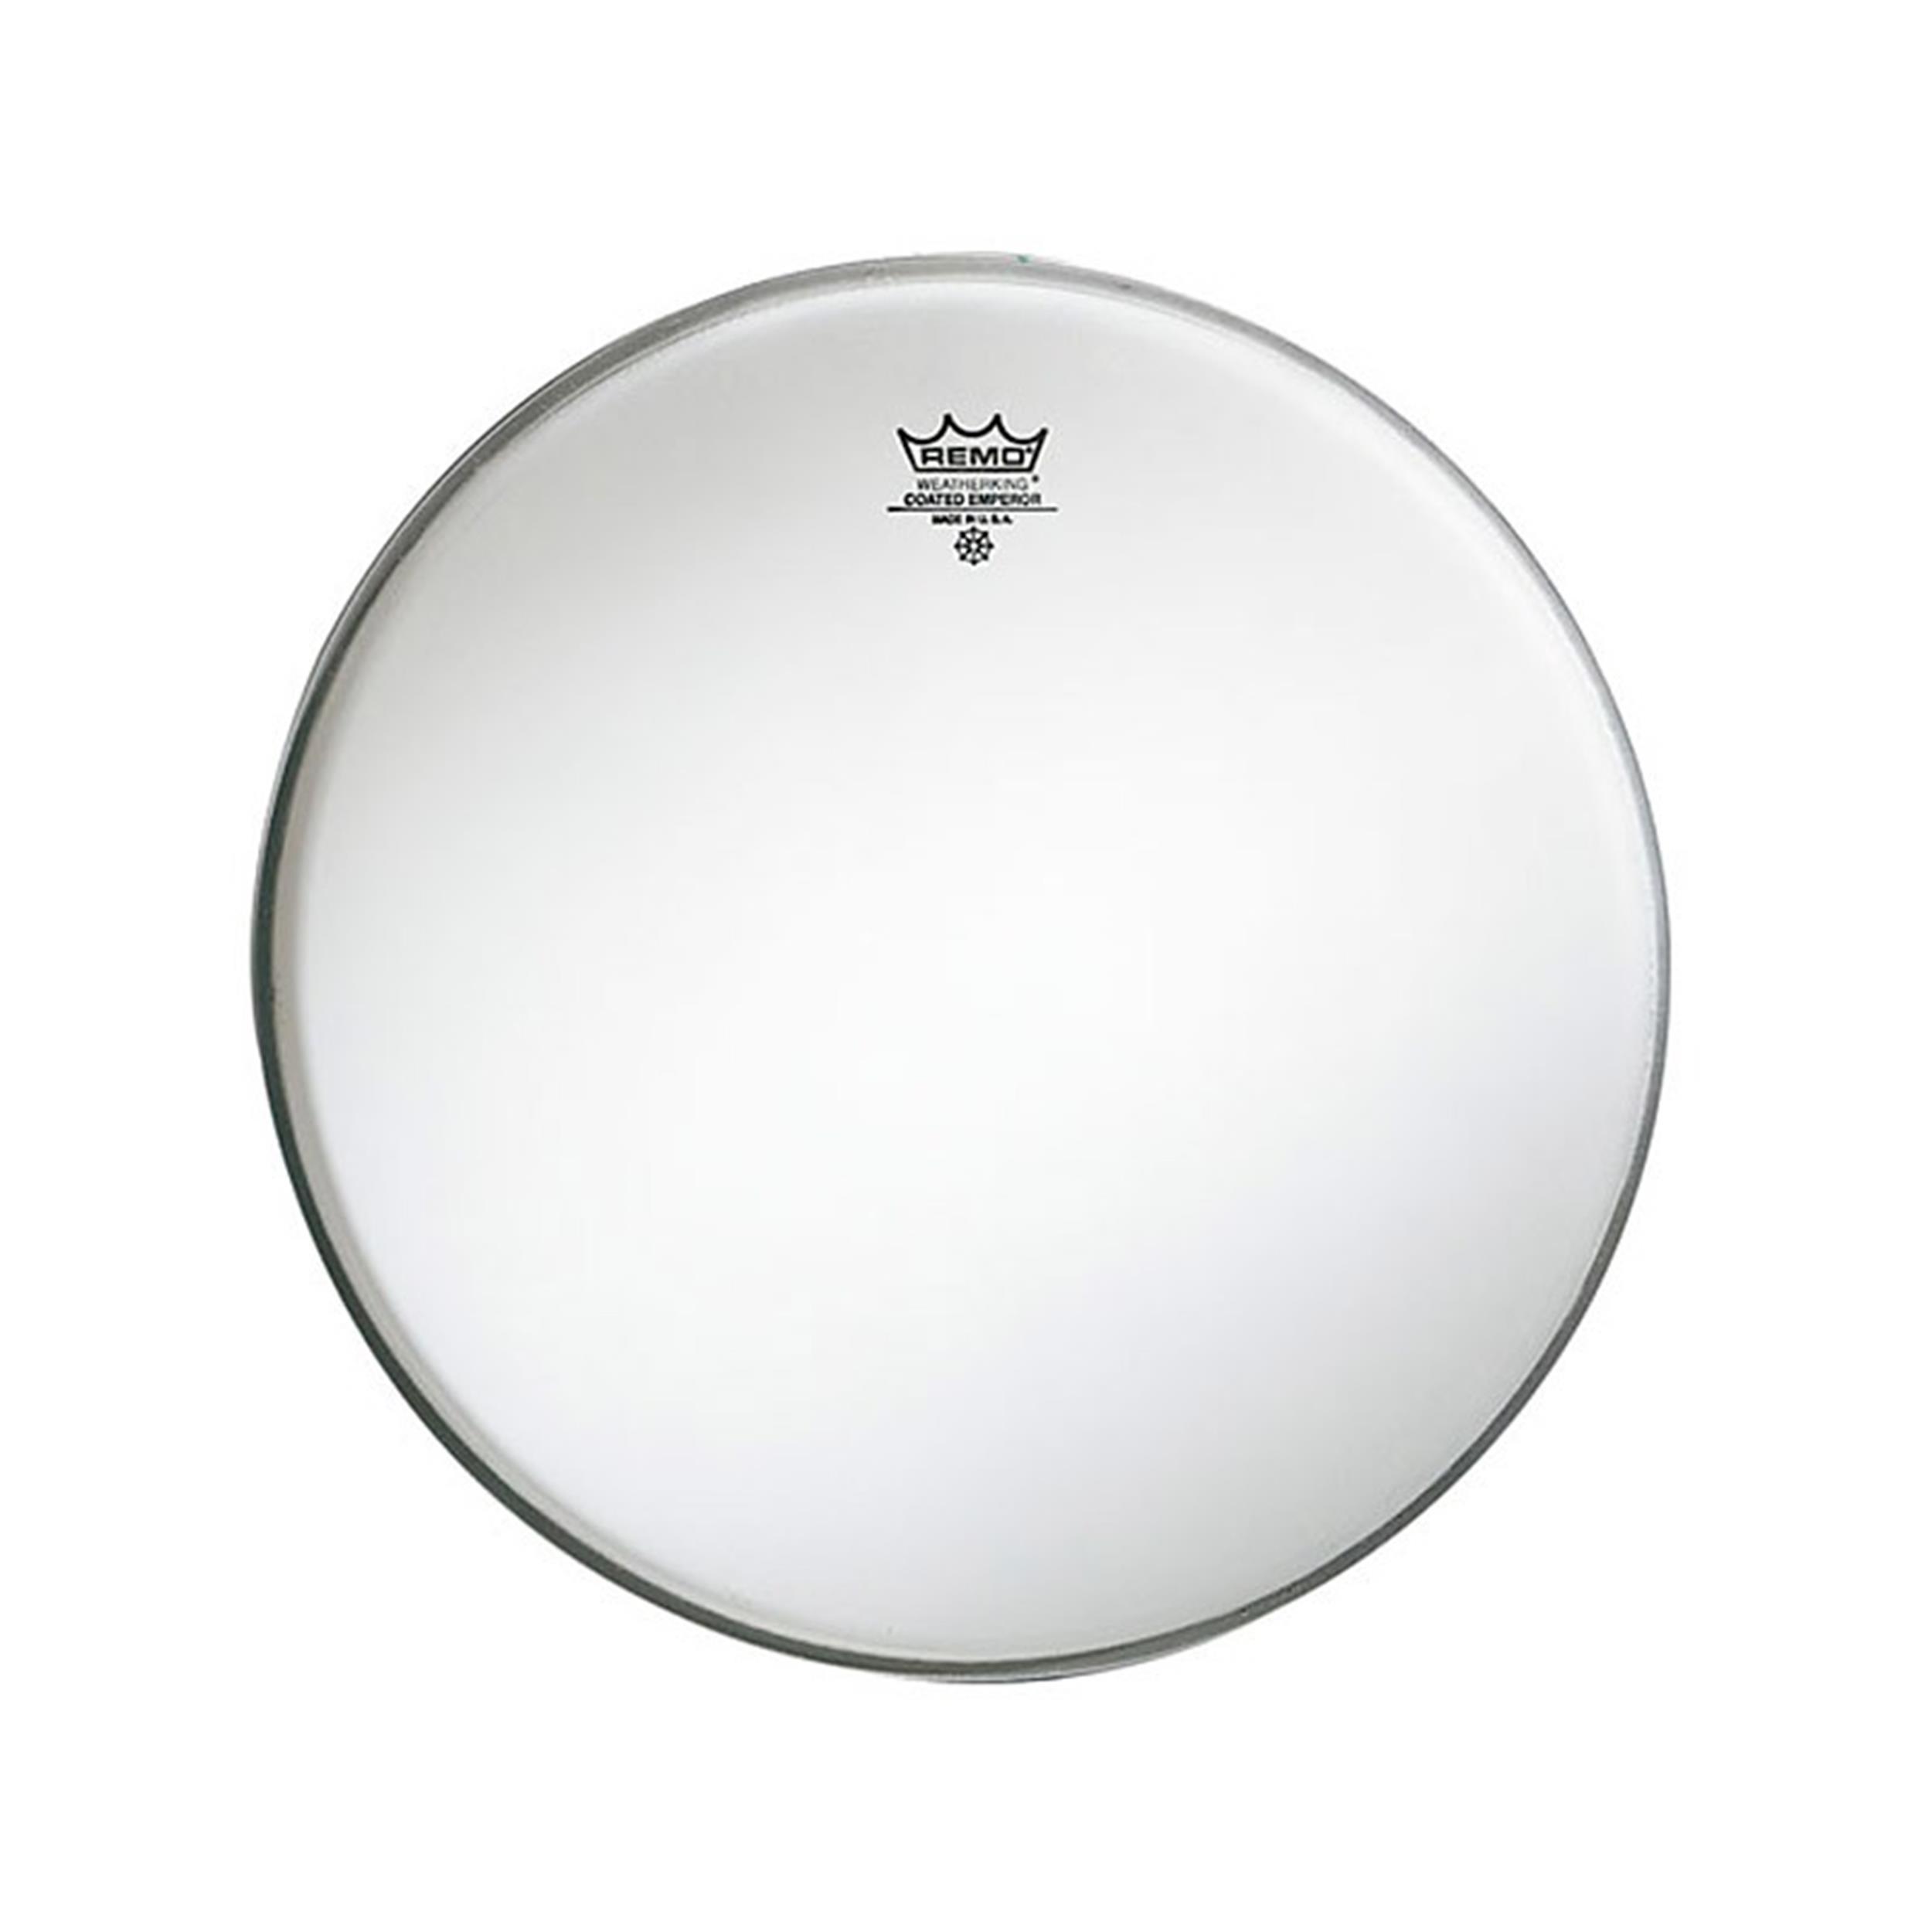 REMO EMPEROR SABBIATA 8 - Batterie / Percussioni Accessori - Pelli e Cerchi